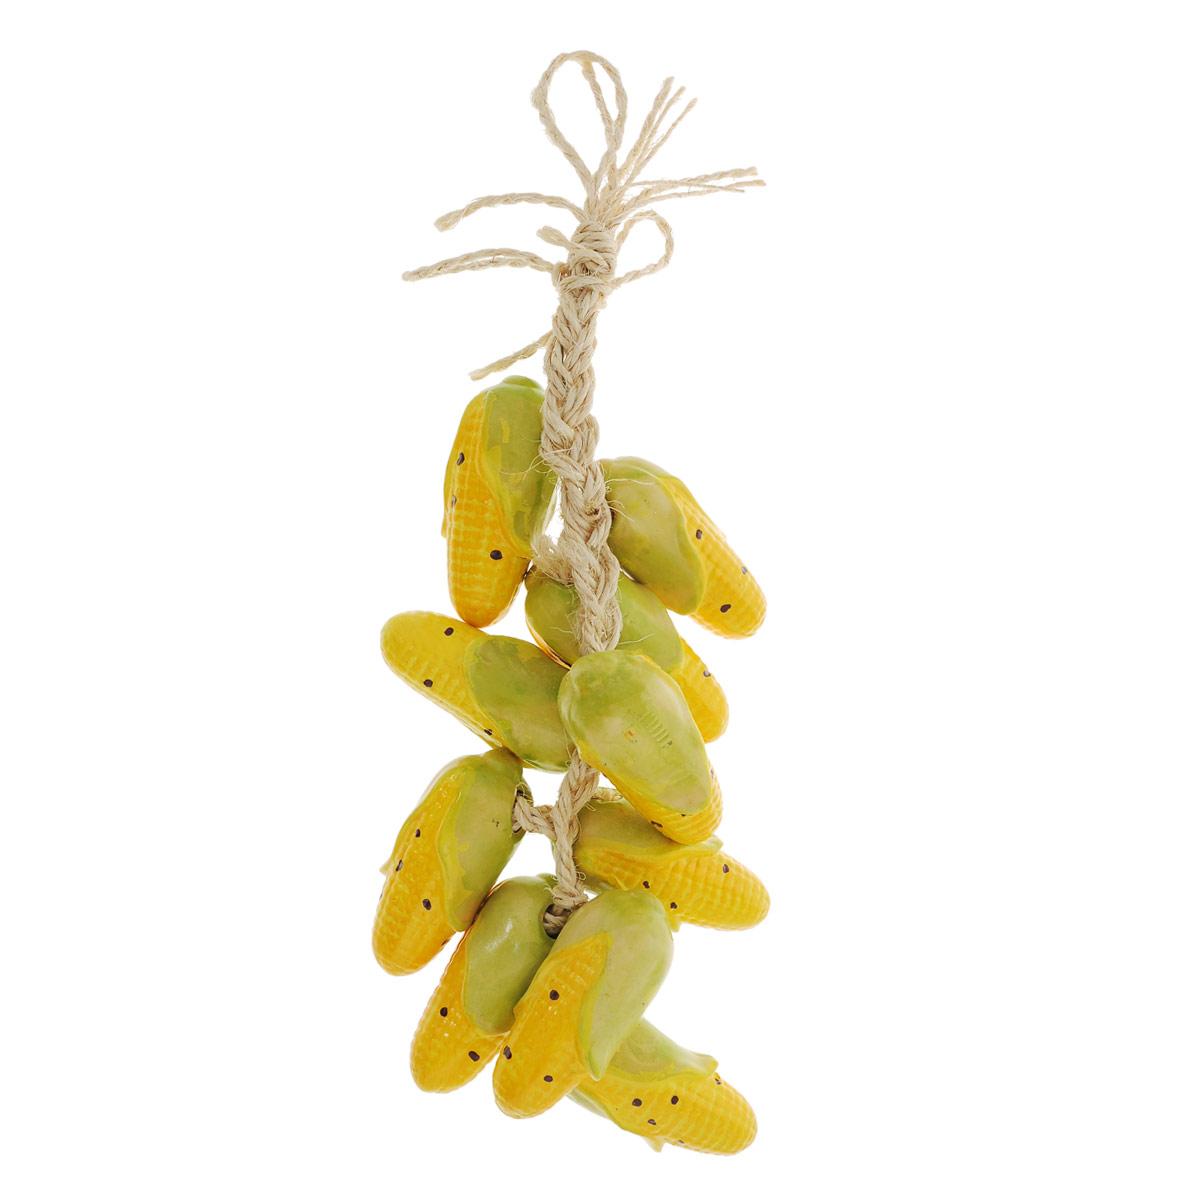 Декоративное украшение для кухни House & Holder Вязанка кукурузыDP-B35-80521Оригинальное декоративное украшение House & Holder Вязанка кукурузы выполнено из керамики и веревки в виде вязанки кукурузы. Такое украшение дополнит интерьер вашей кухни, а также может стать оригинальным сувениром для ваших друзей и близких. Длина вязанки: 45 см.